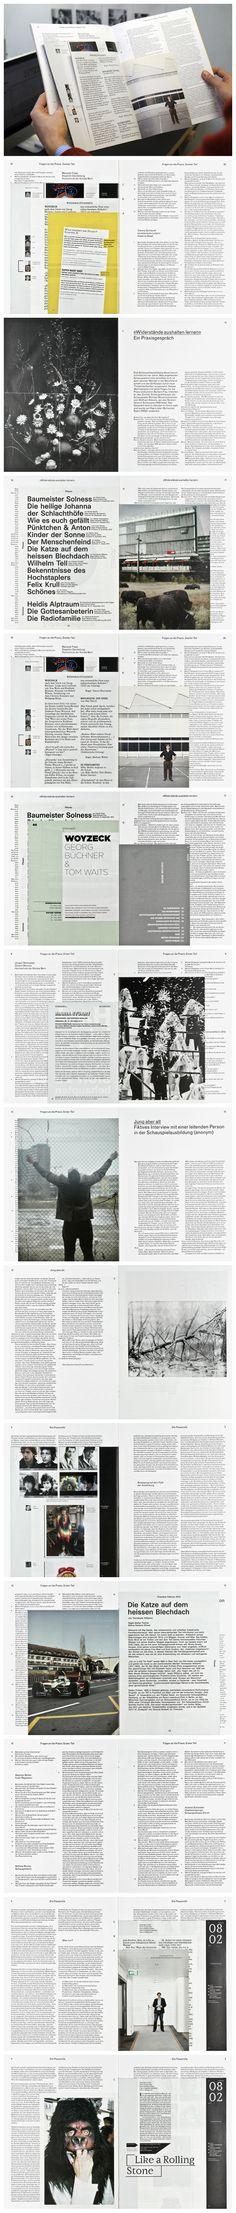 Spielpläne – Jahrbuch der Hochschule der Künste Bern Publikation 24 x 32 cm, 64 Seiten, 2012  http://www.b-und-r.info/buecher/jahrbuch-hochschule-der-kuenste-bern/